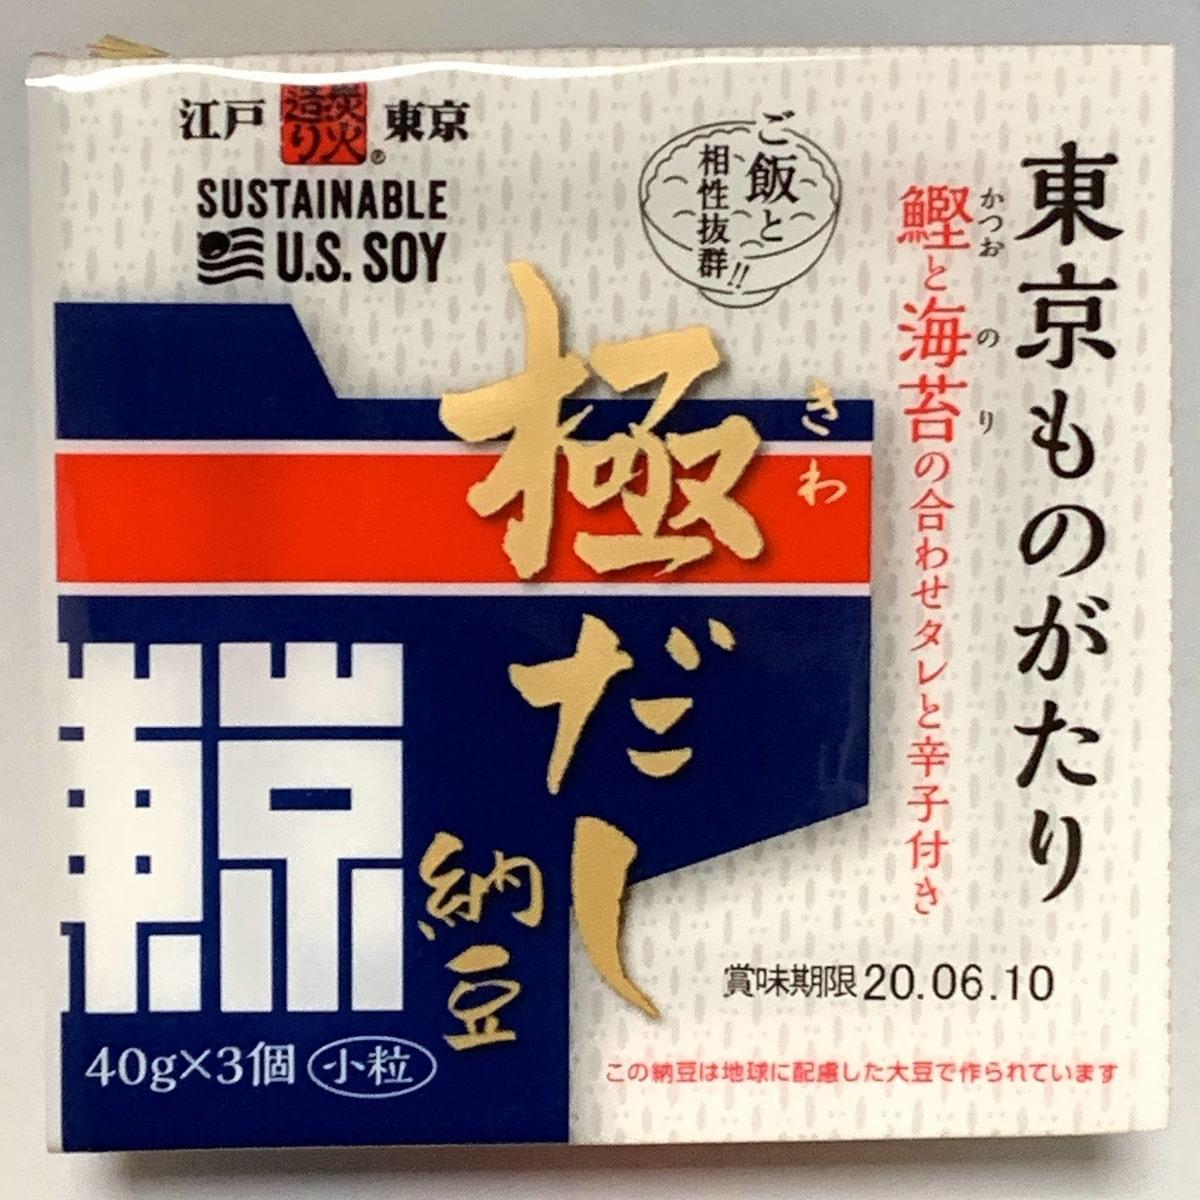 保谷納豆「東京ものがたり 極だし納豆」